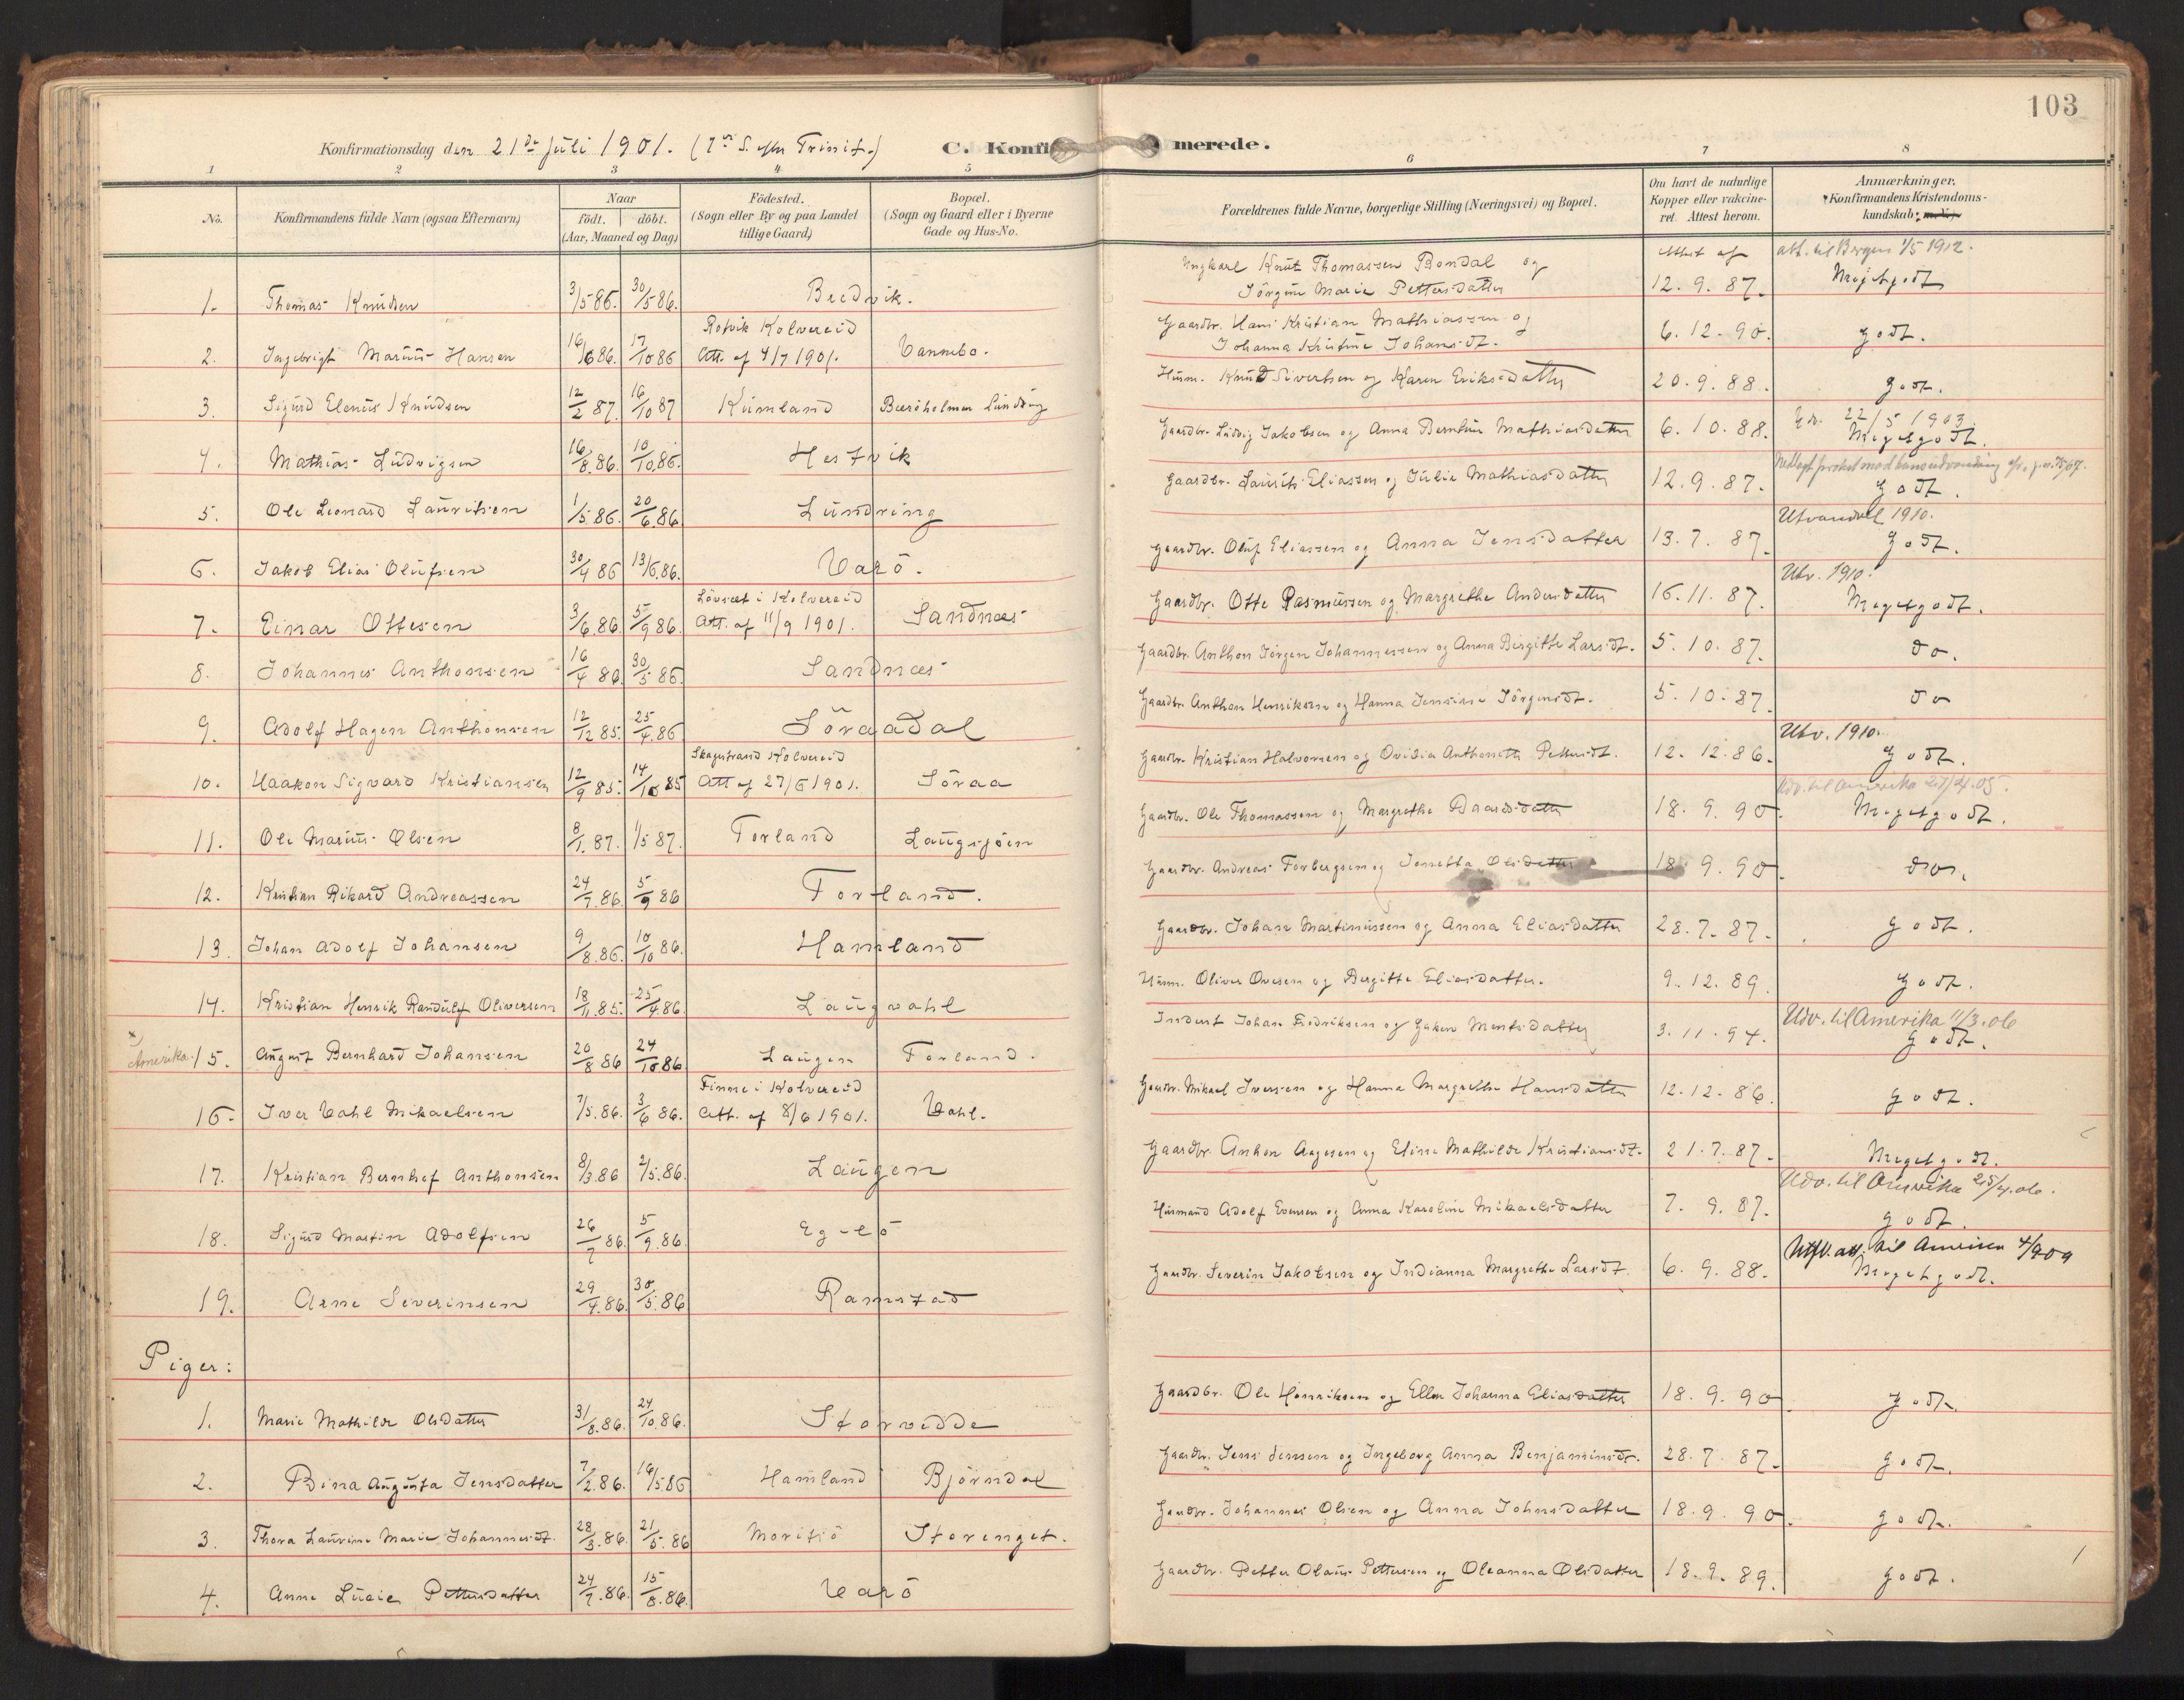 SAT, Ministerialprotokoller, klokkerbøker og fødselsregistre - Nord-Trøndelag, 784/L0677: Ministerialbok nr. 784A12, 1900-1920, s. 103